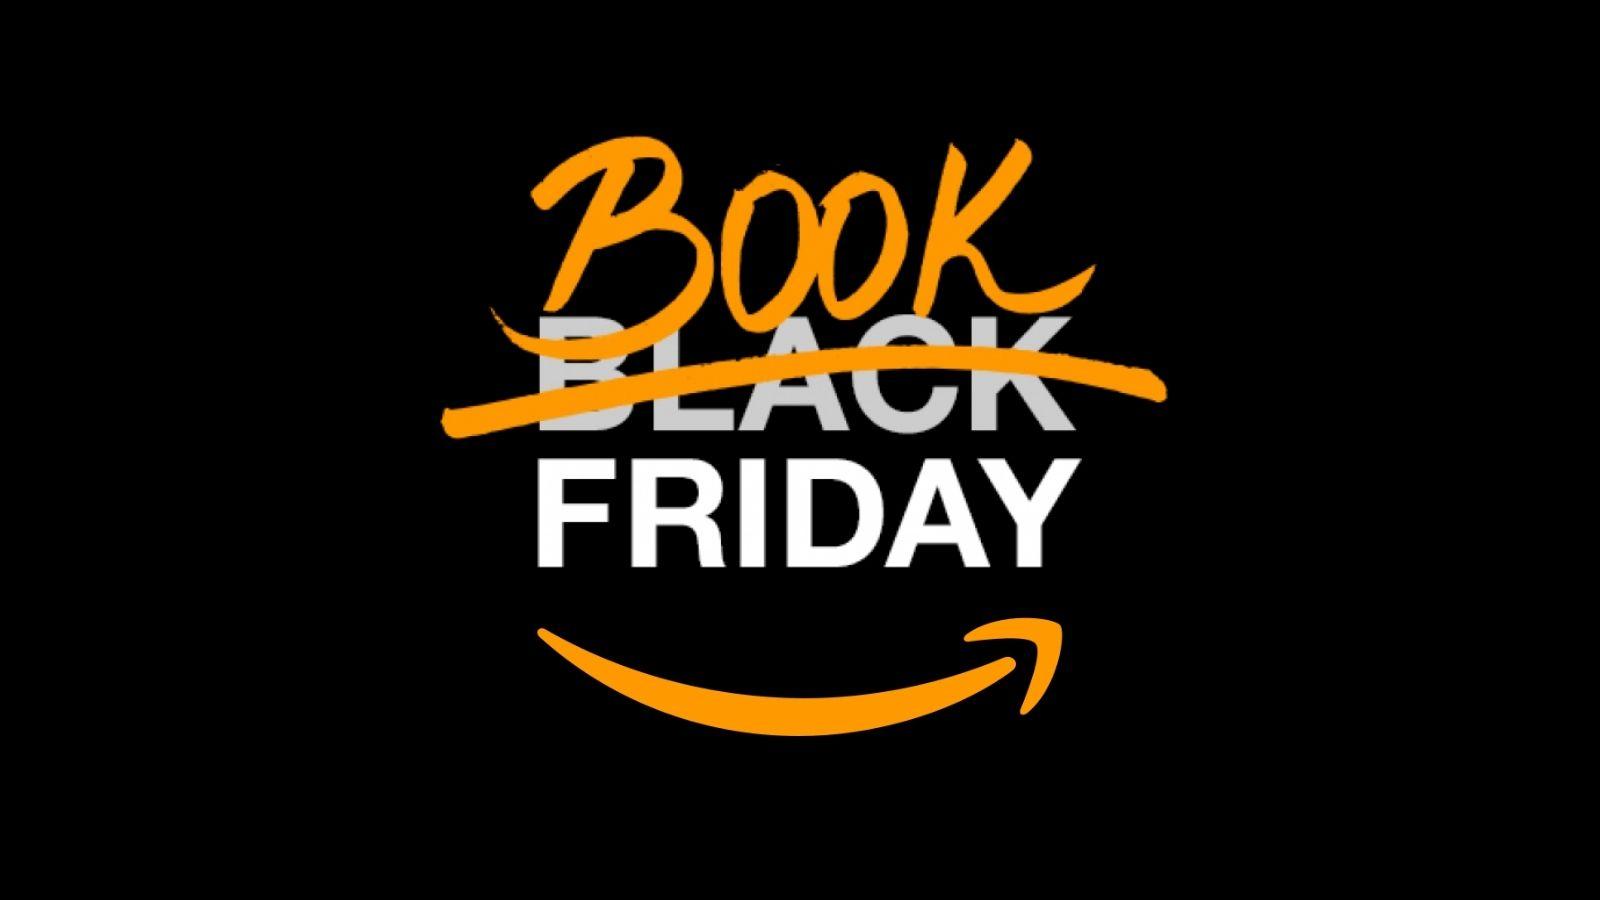 Logo da book friday da amazon